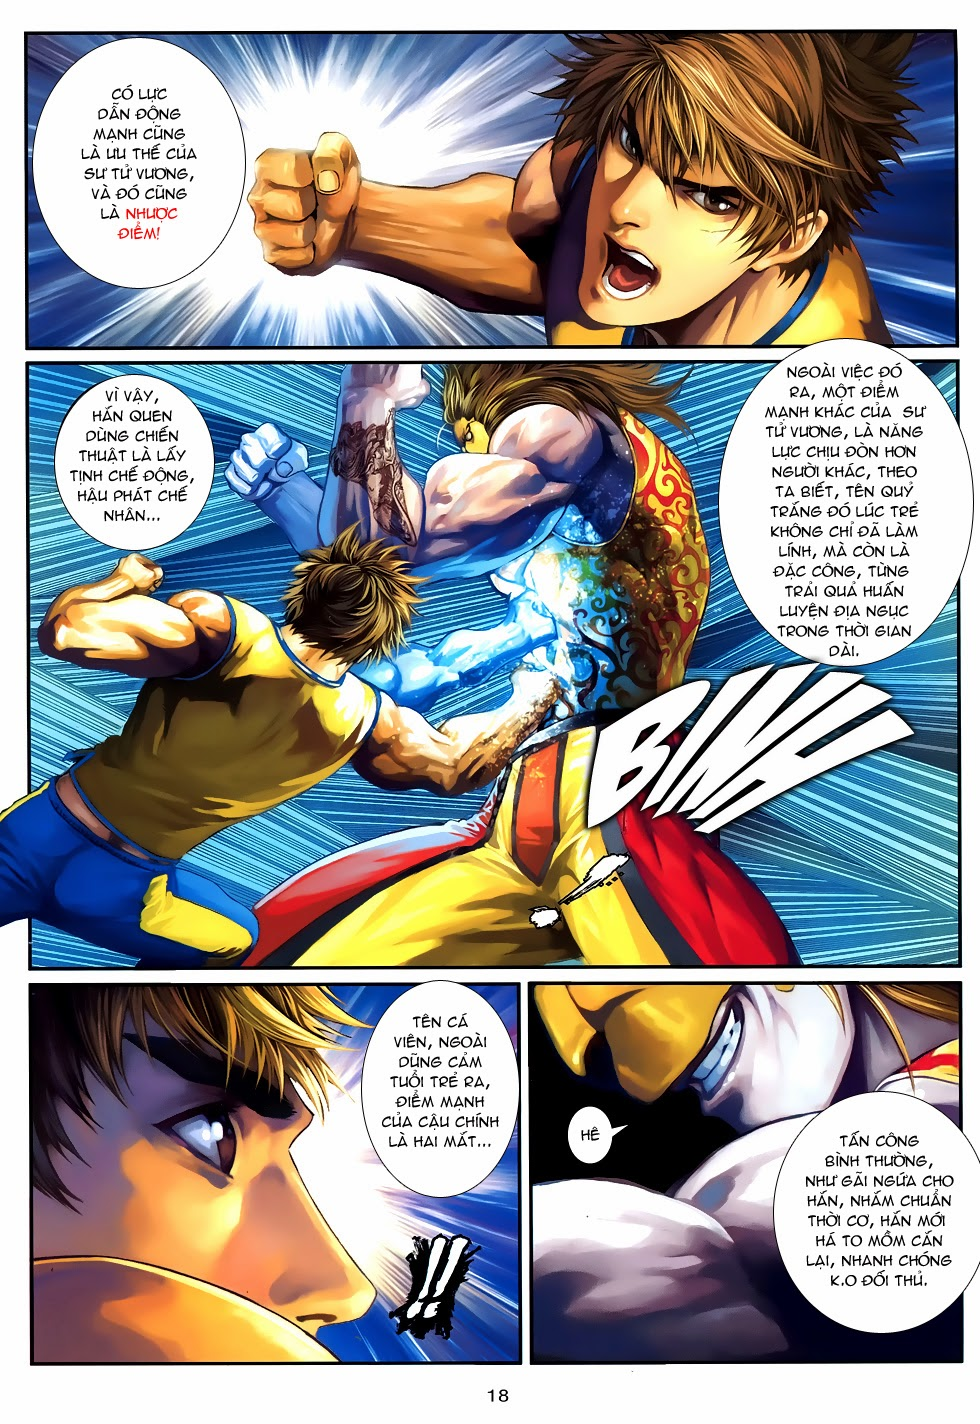 Quyền Đạo chapter 9 trang 18